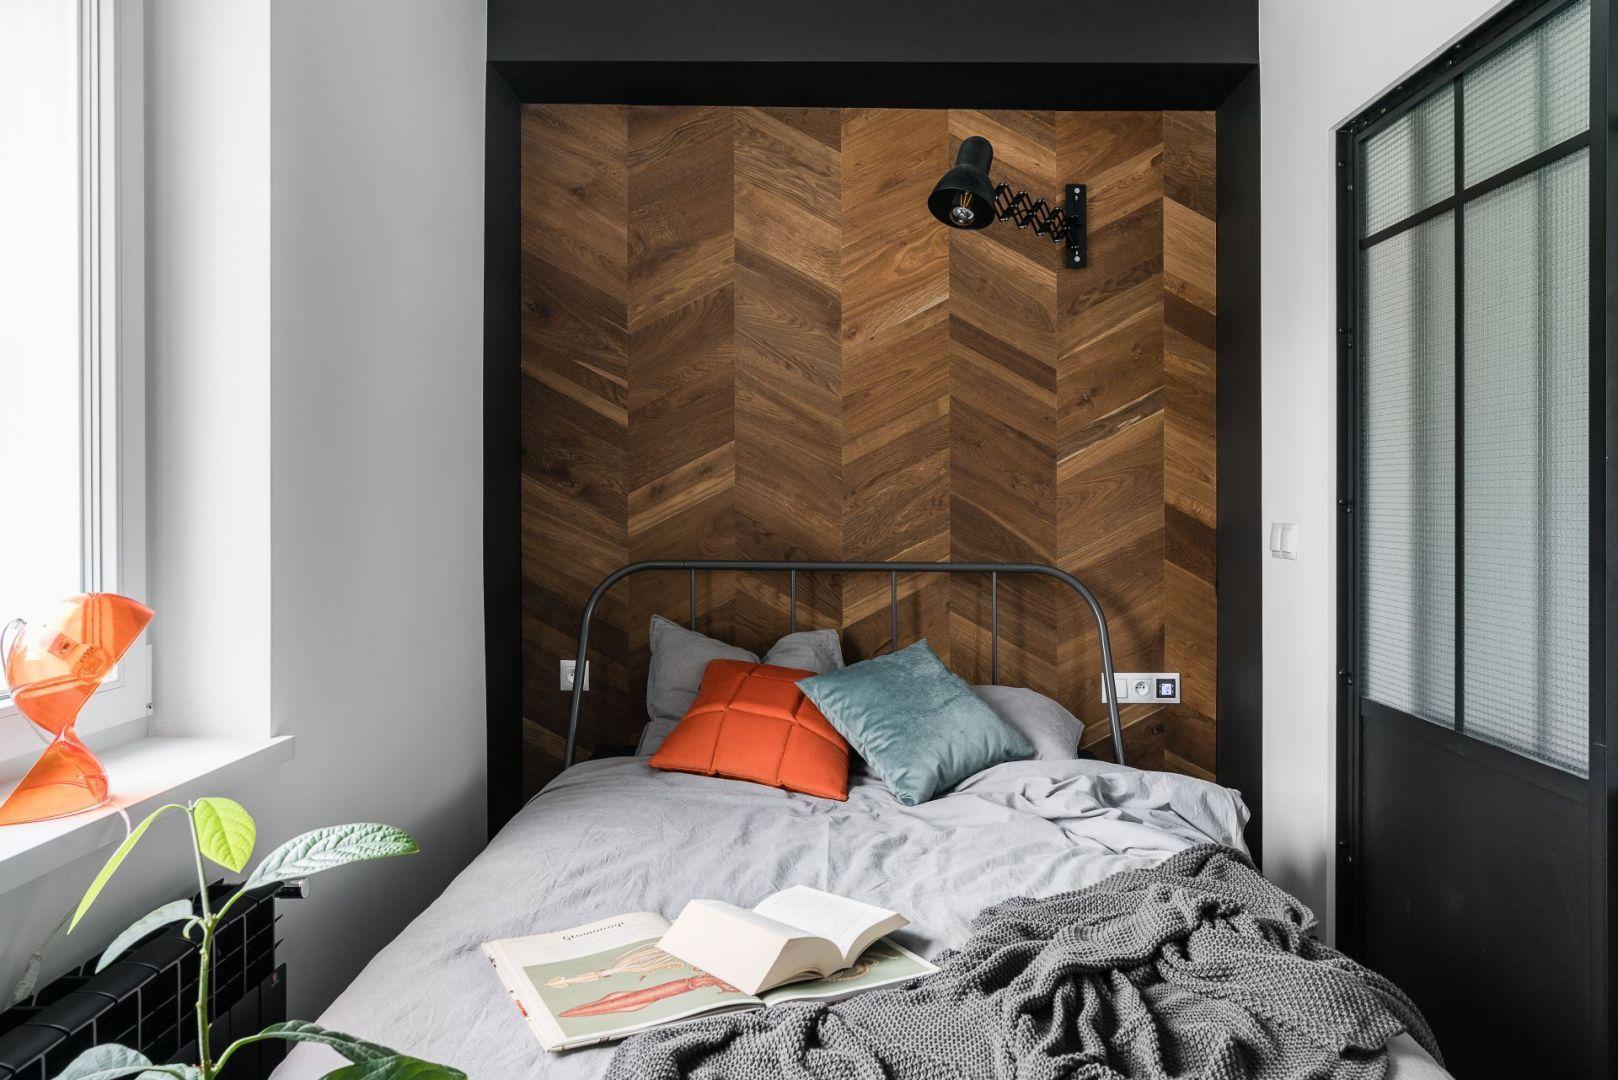 Ściana za łóżkiem w sypialni wykończona jest drewnem. Jest to samo drewno i ten sam wzór, który znajduje się na podłodze. Projekt: Katarzyna Piechowiak, Magdalena Hass, pracownia and.home. Fot. Katarzyna Seliga Wróblewska, Marcin Wróblewski/Fotomohito